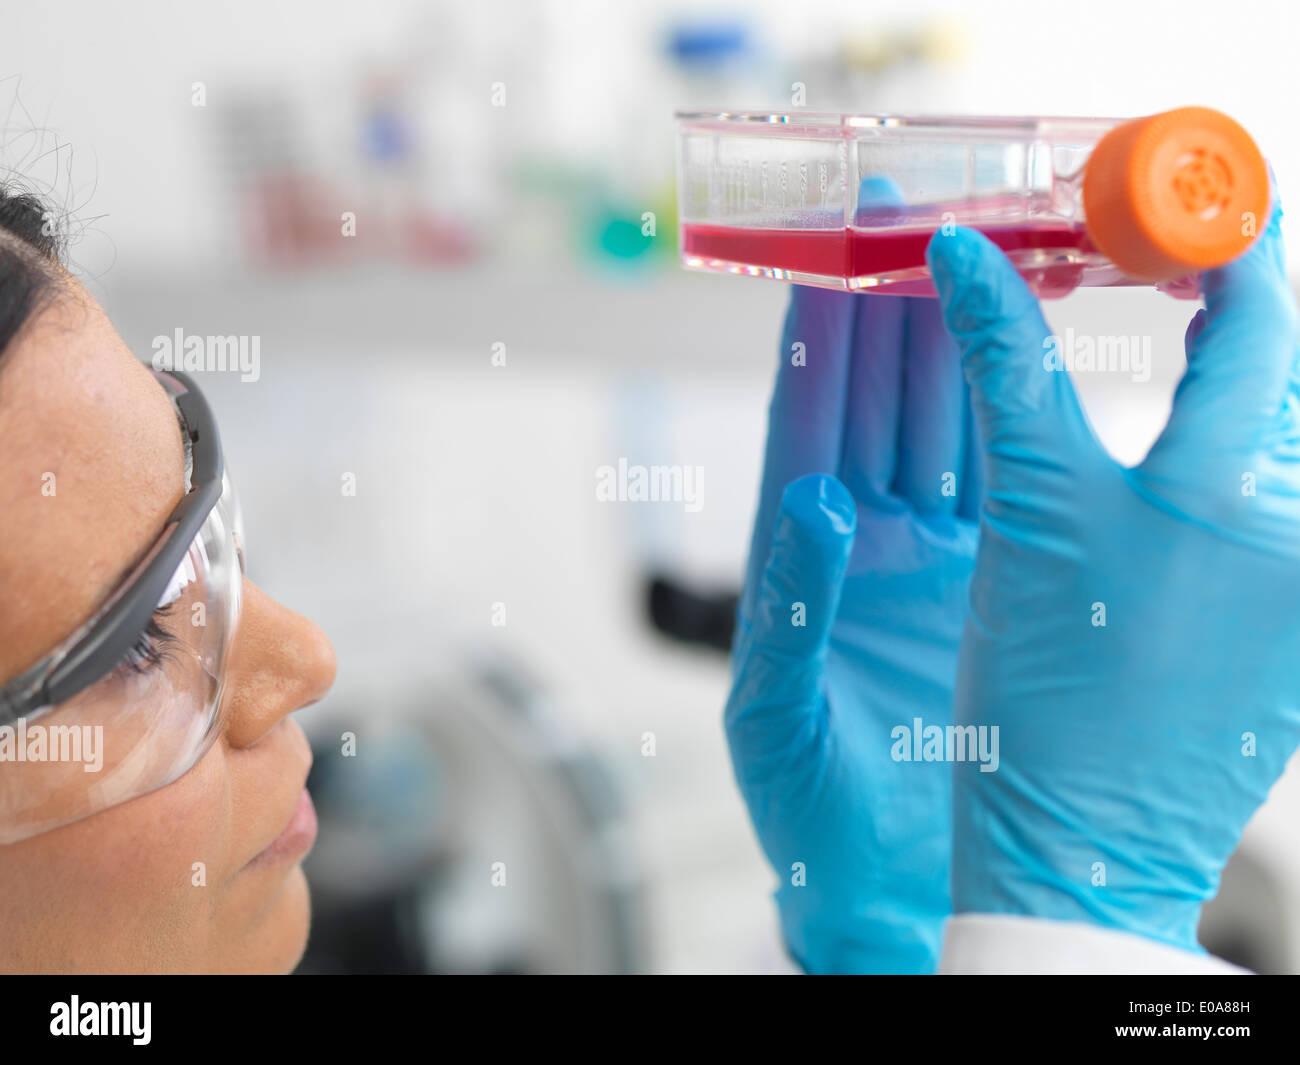 Nahaufnahme eines weiblichen Zellbiologe hält ein Fläschchen mit Stammzellen, die in roten Nährmedium kultiviert Stockfoto